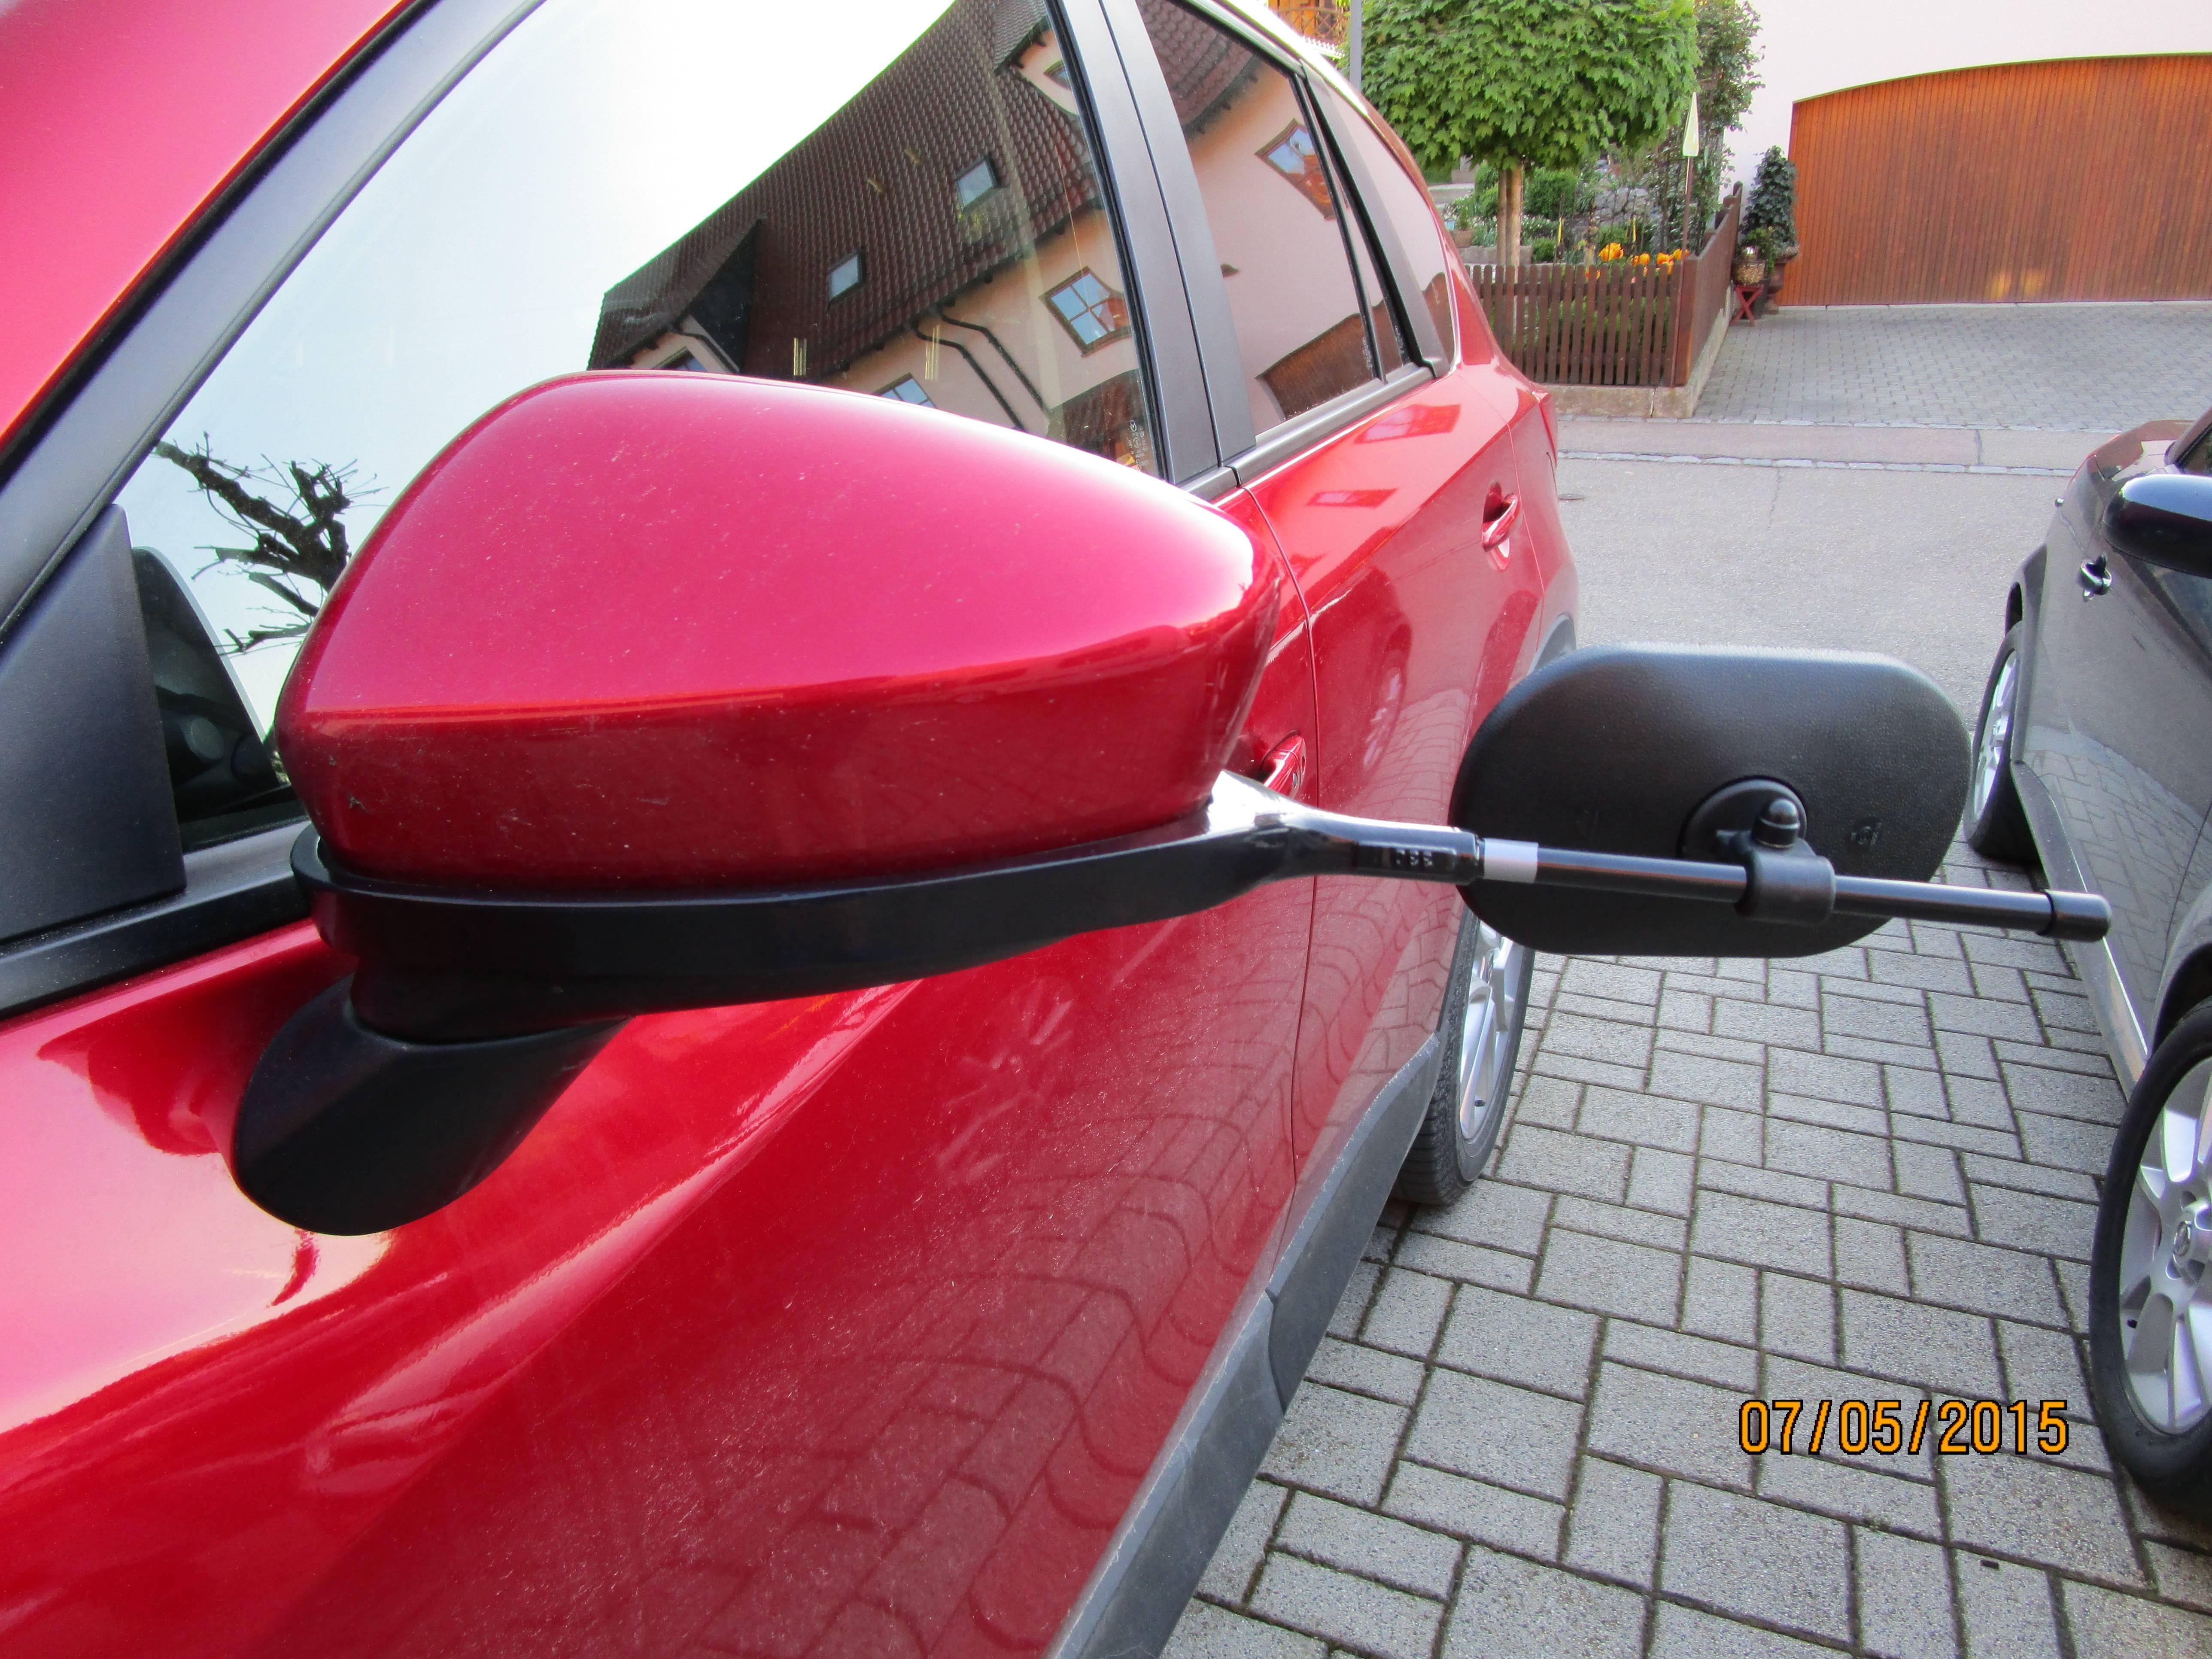 emuk spiegel für mazda cx5 - zubehör - wohnwagen-forum.de